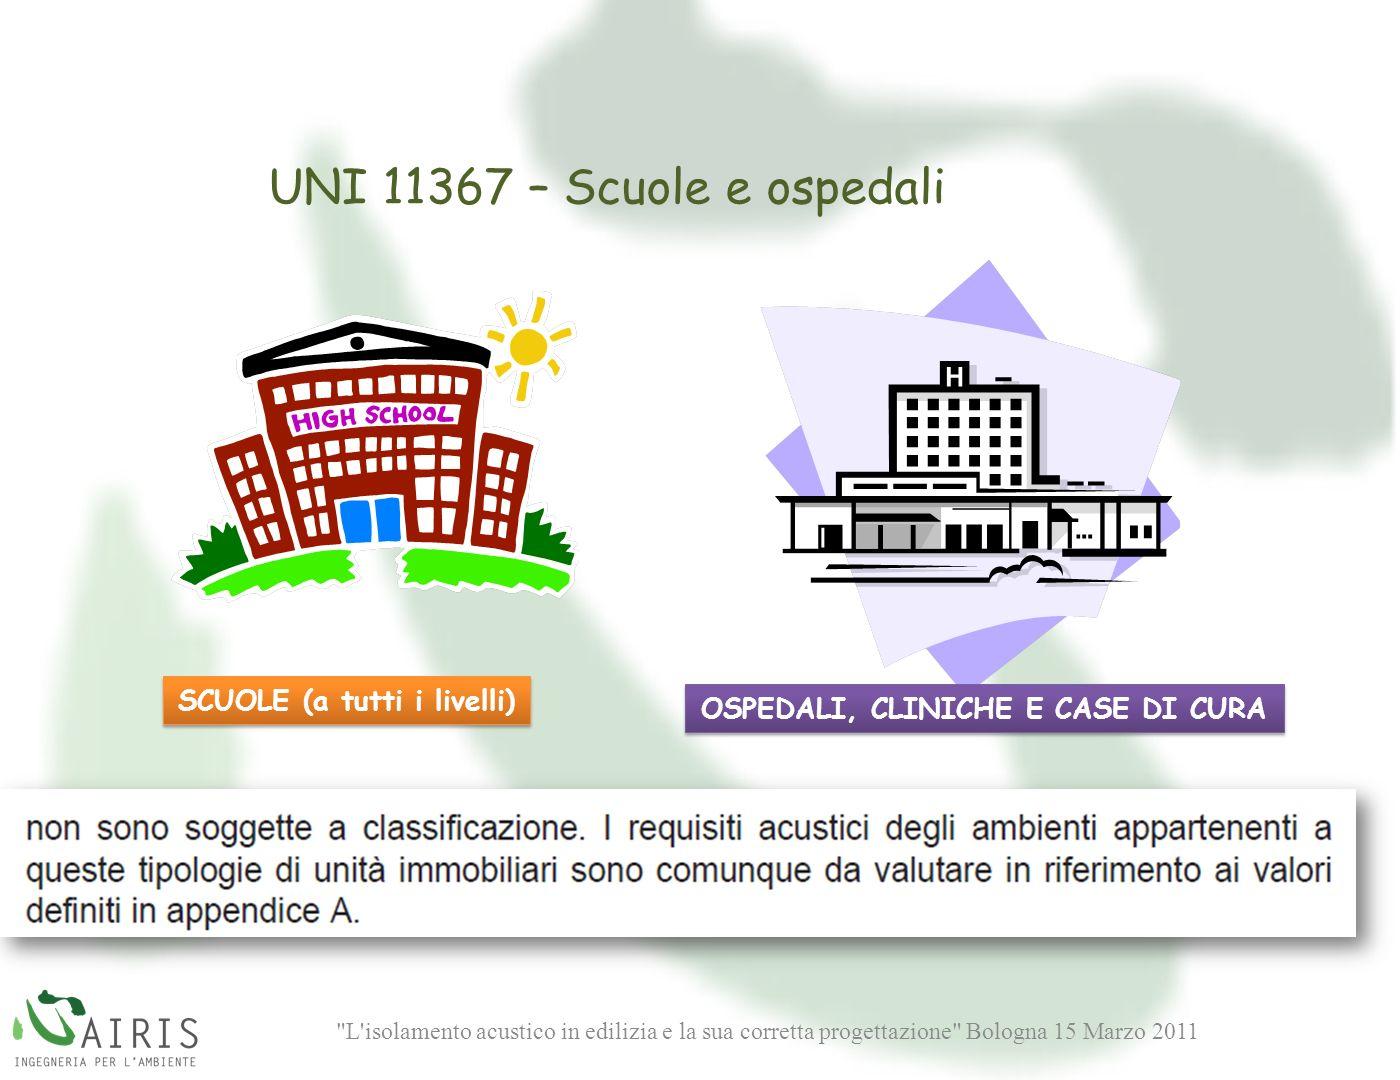 SCUOLE (a tutti i livelli) OSPEDALI, CLINICHE E CASE DI CURA